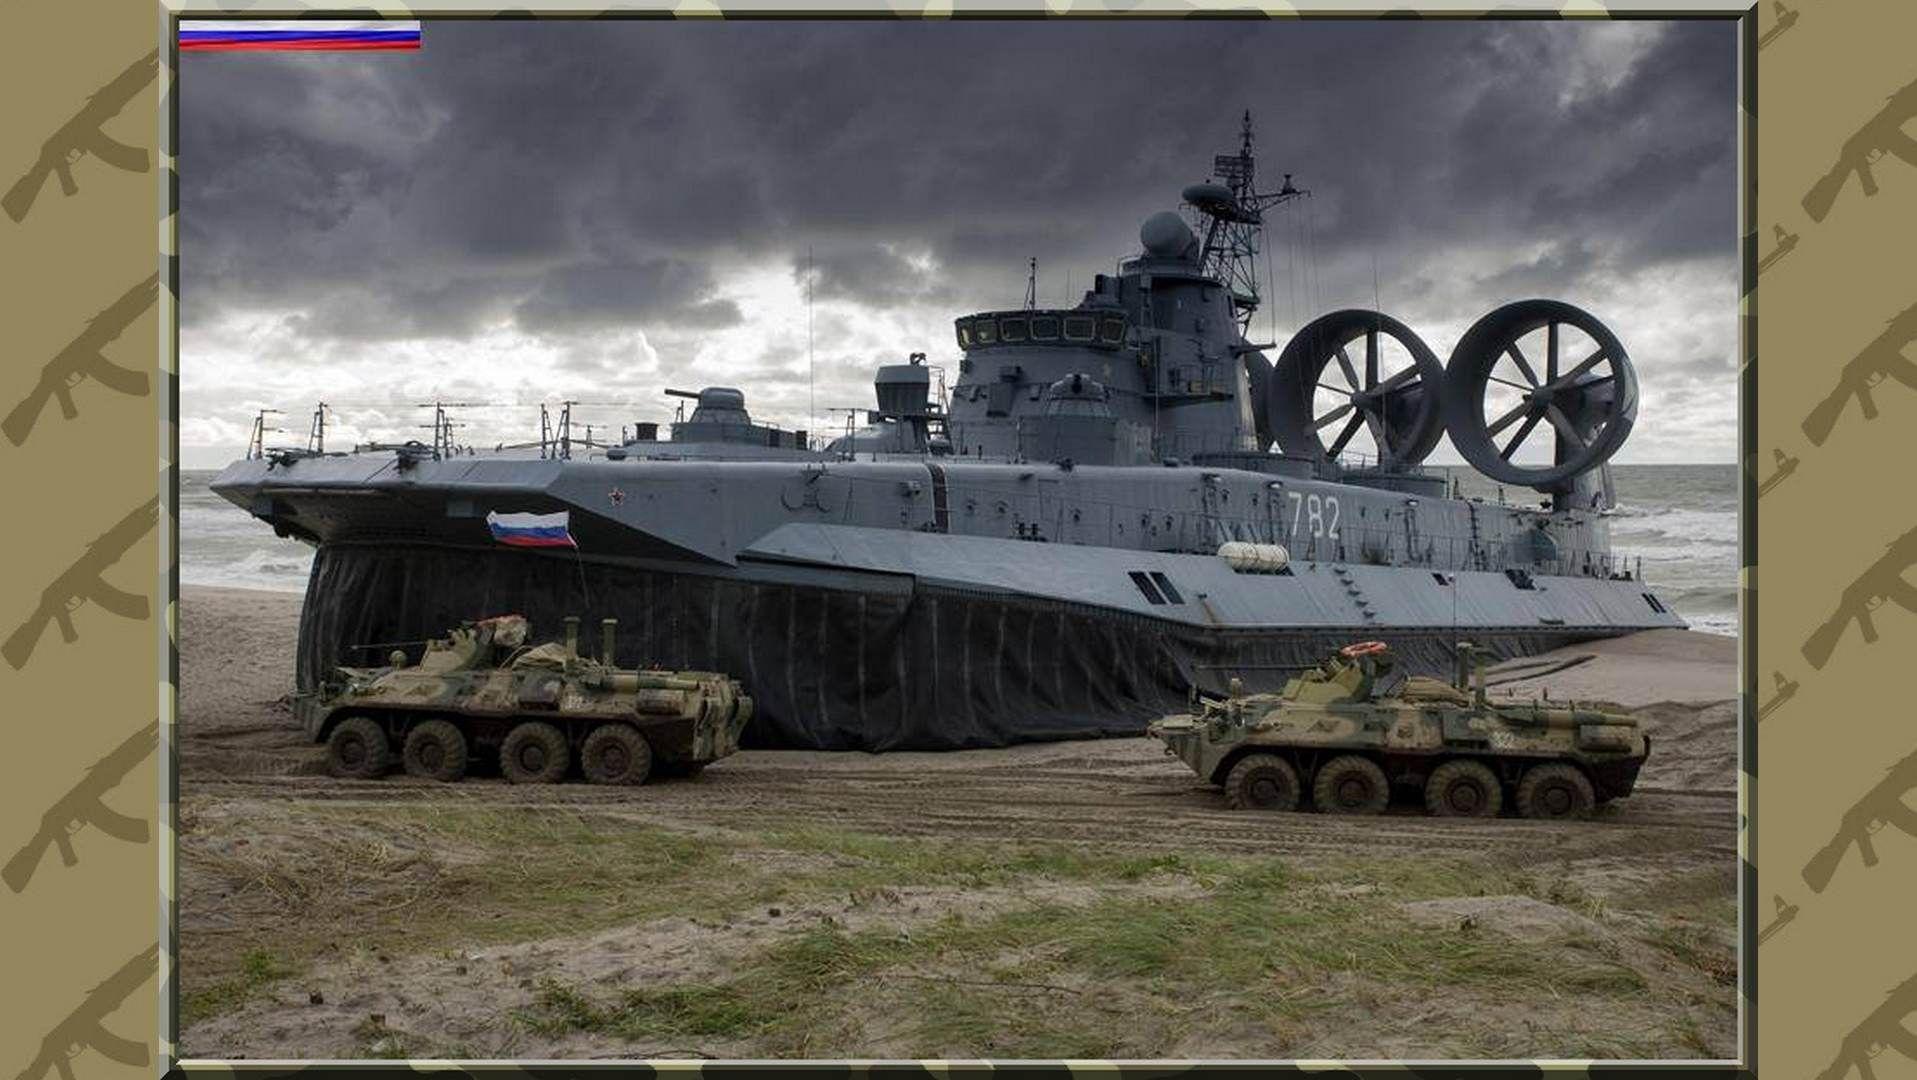 RFA HOVERCRAFT AND BTR 82A